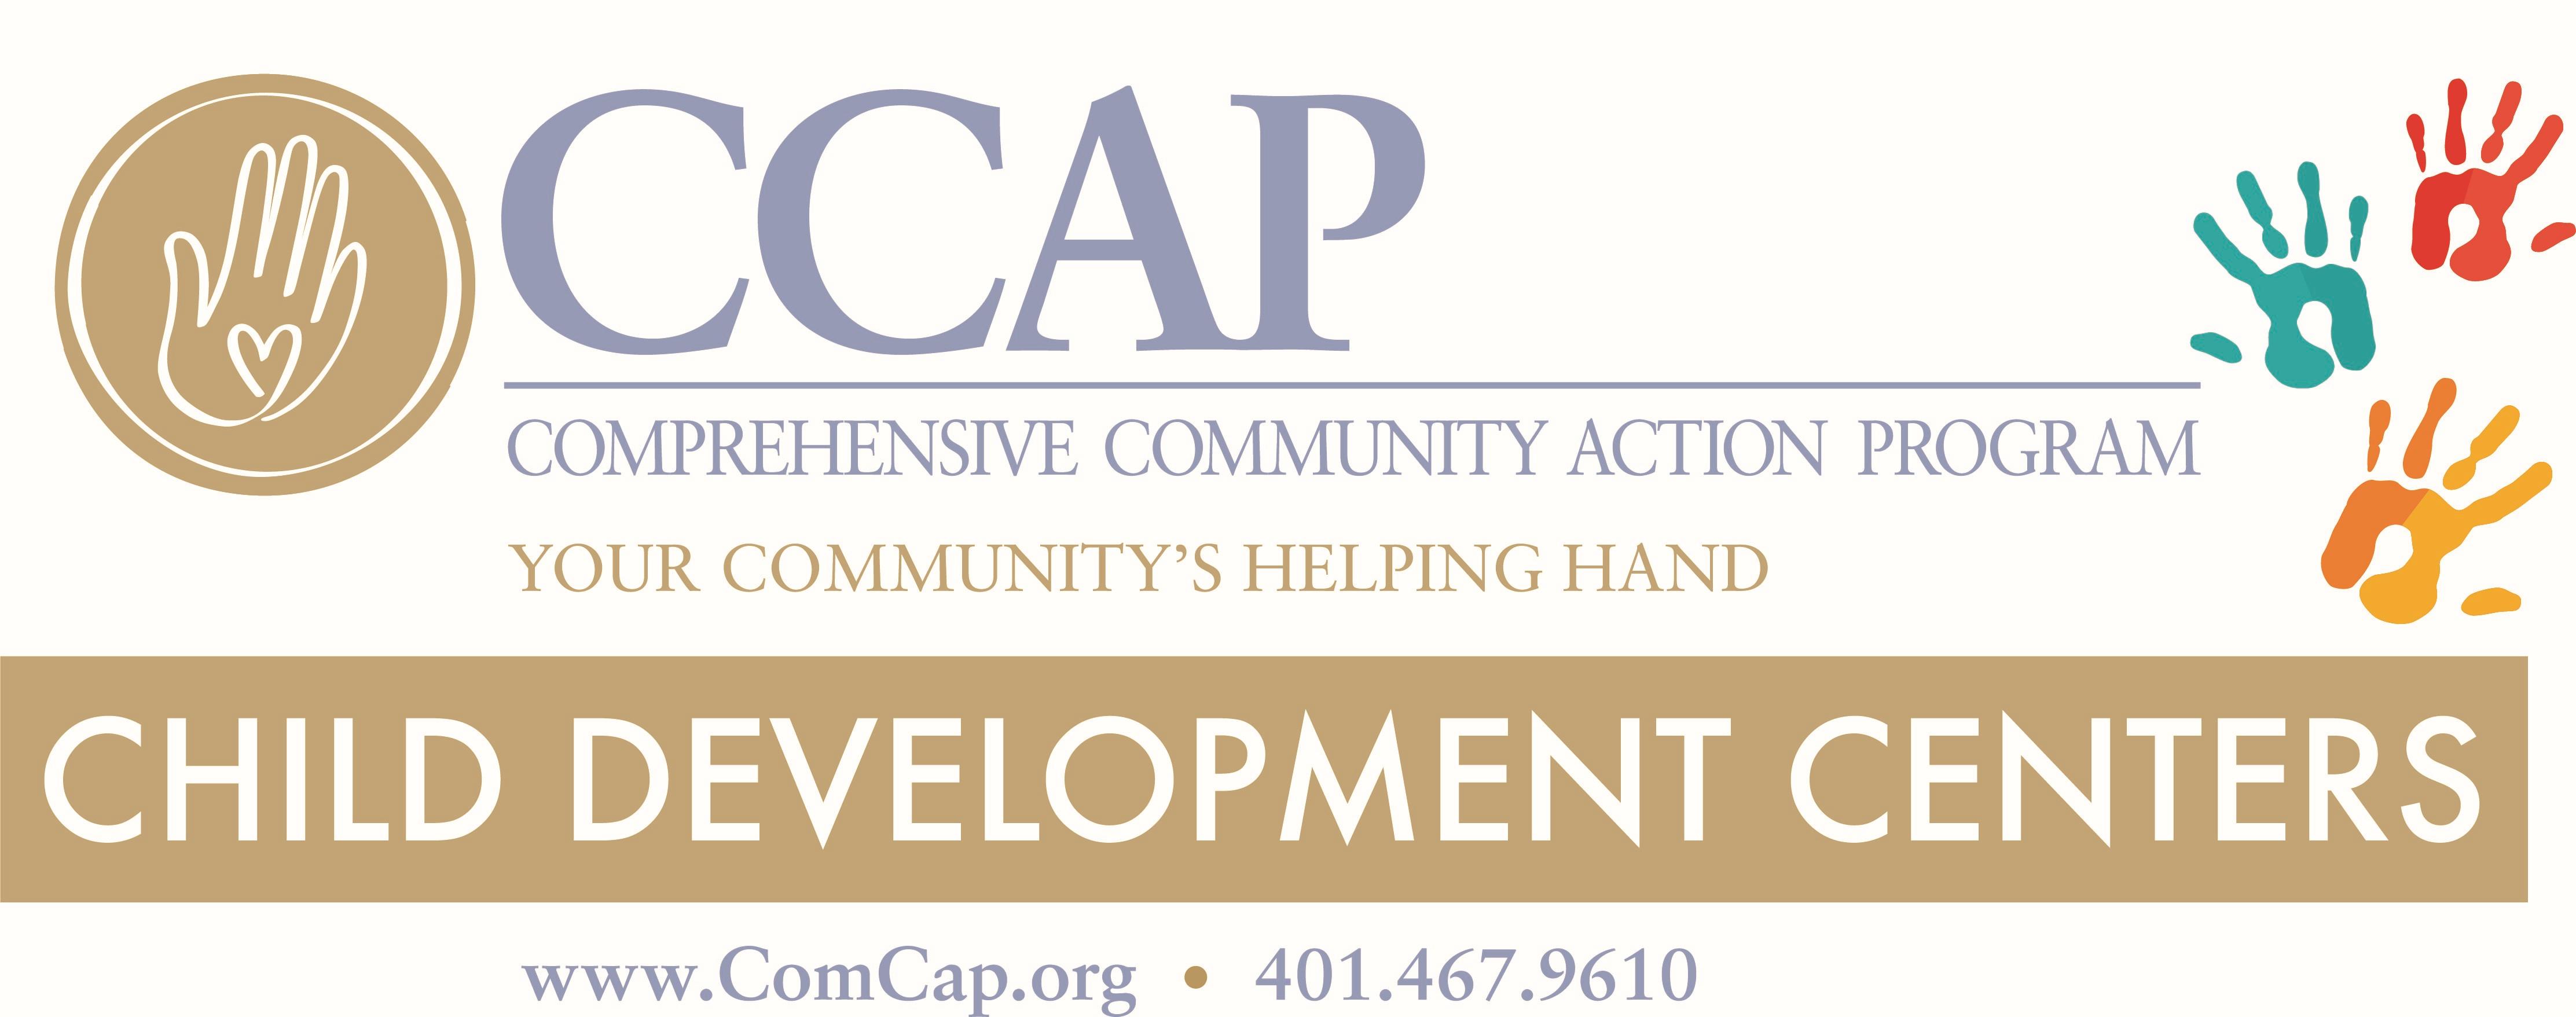 CCAP's Logo